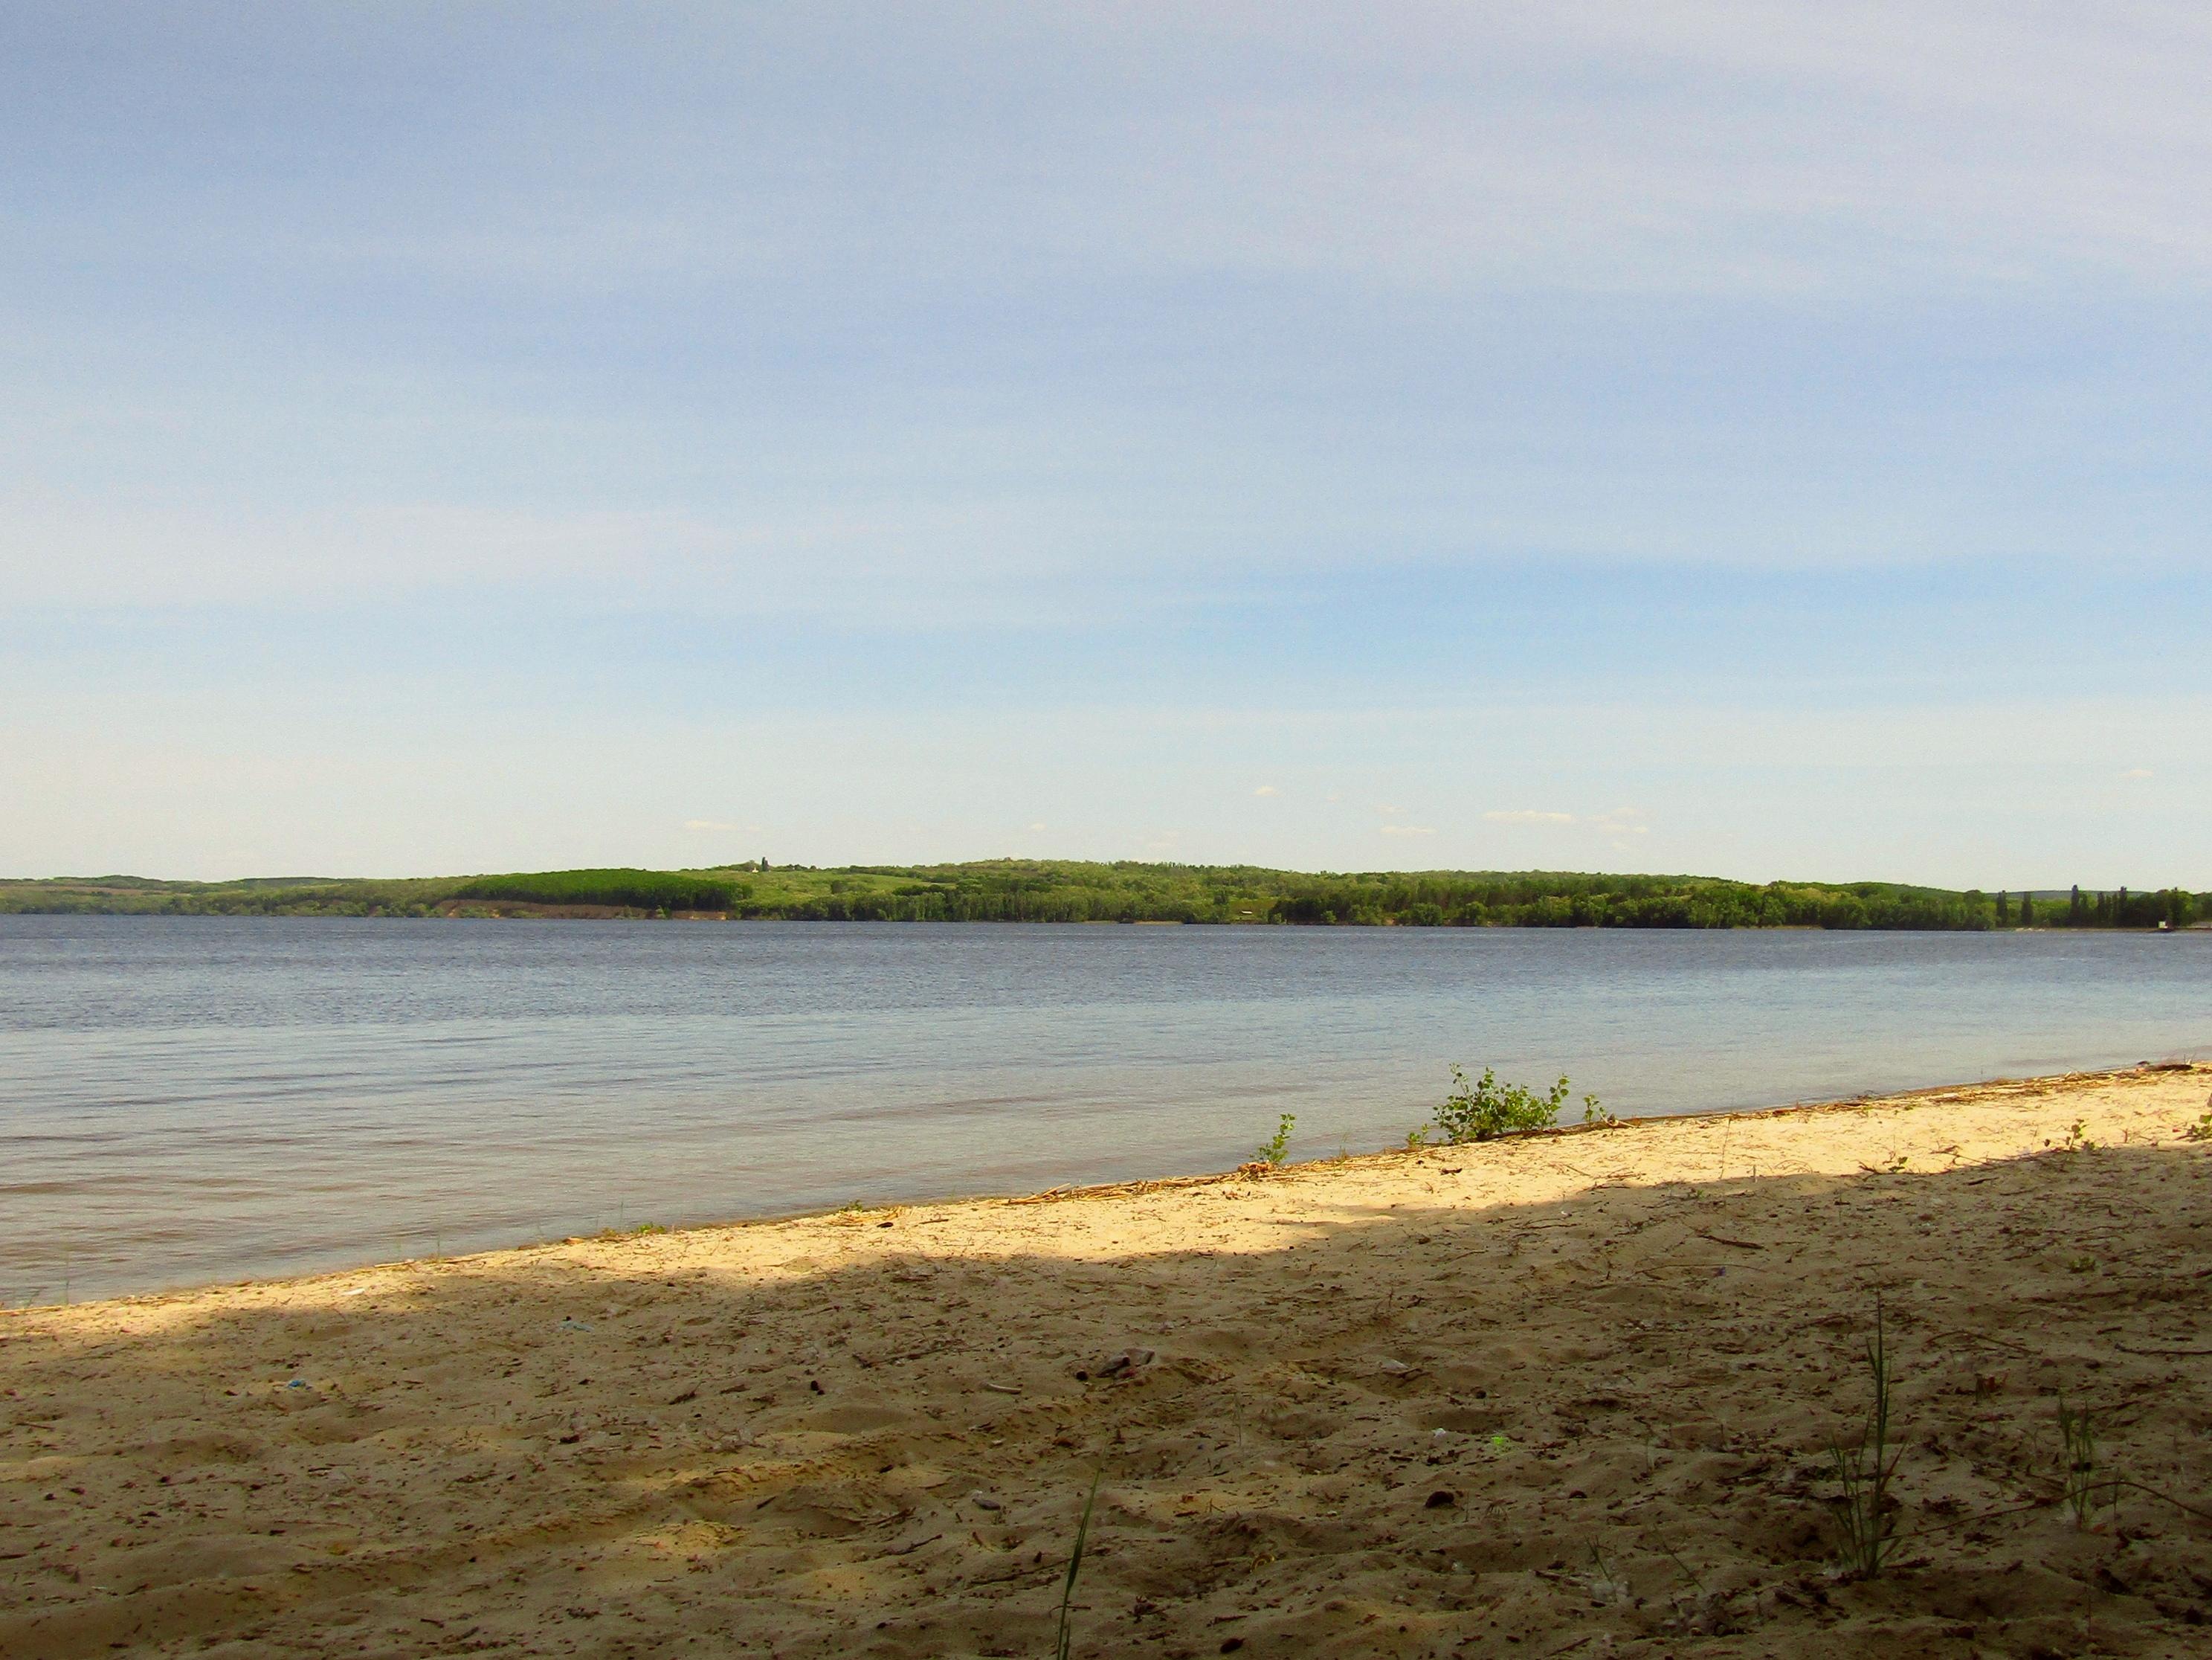 Піщаний пляж поруч з водоймою